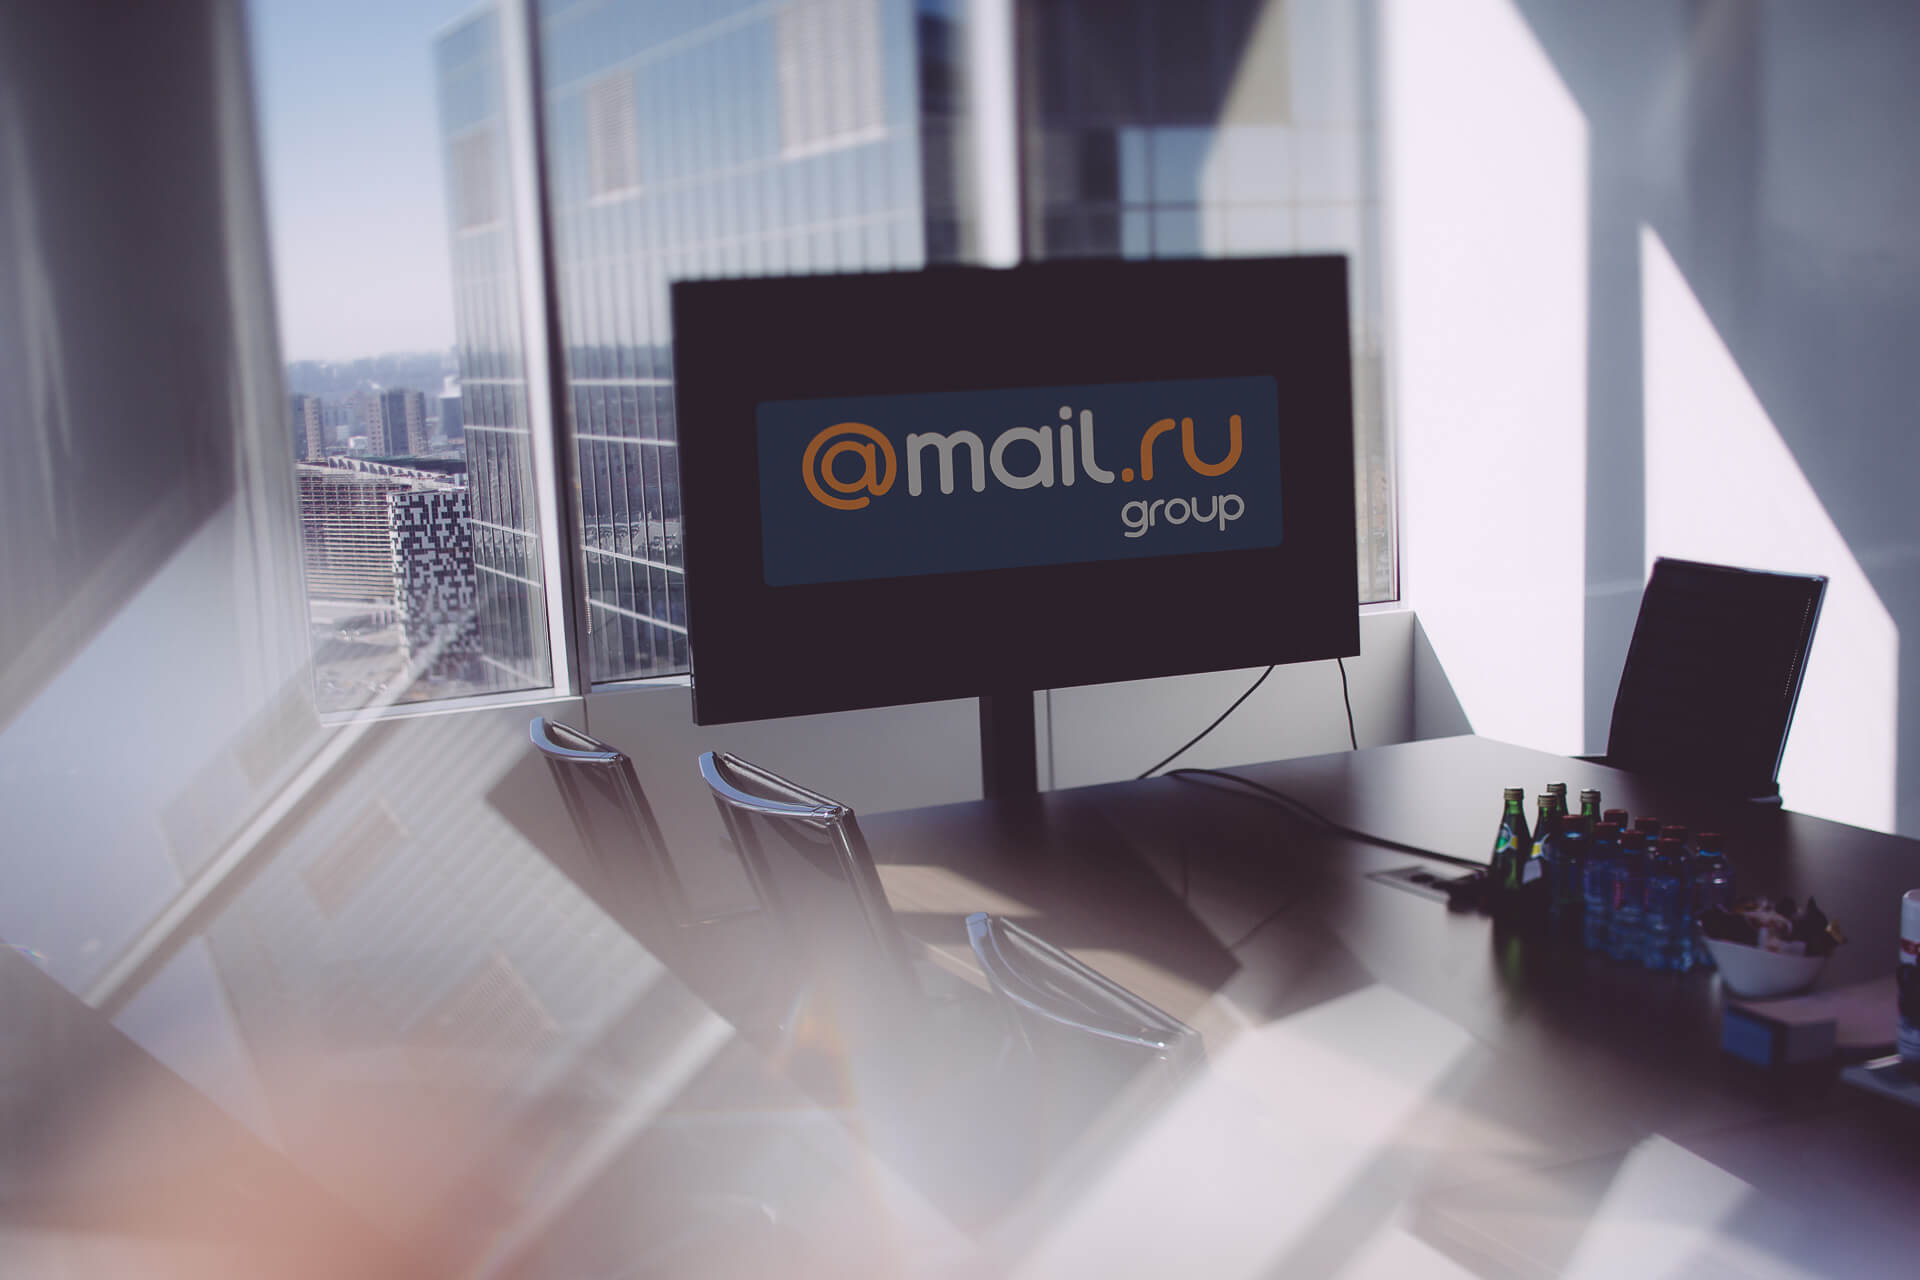 Клиентам myTarget станут доступны независимые данные верификатора по видимости рекламы и взаимодействию аудитории с ней, а также валидности трафика и другим показателям в разрезе сайтов